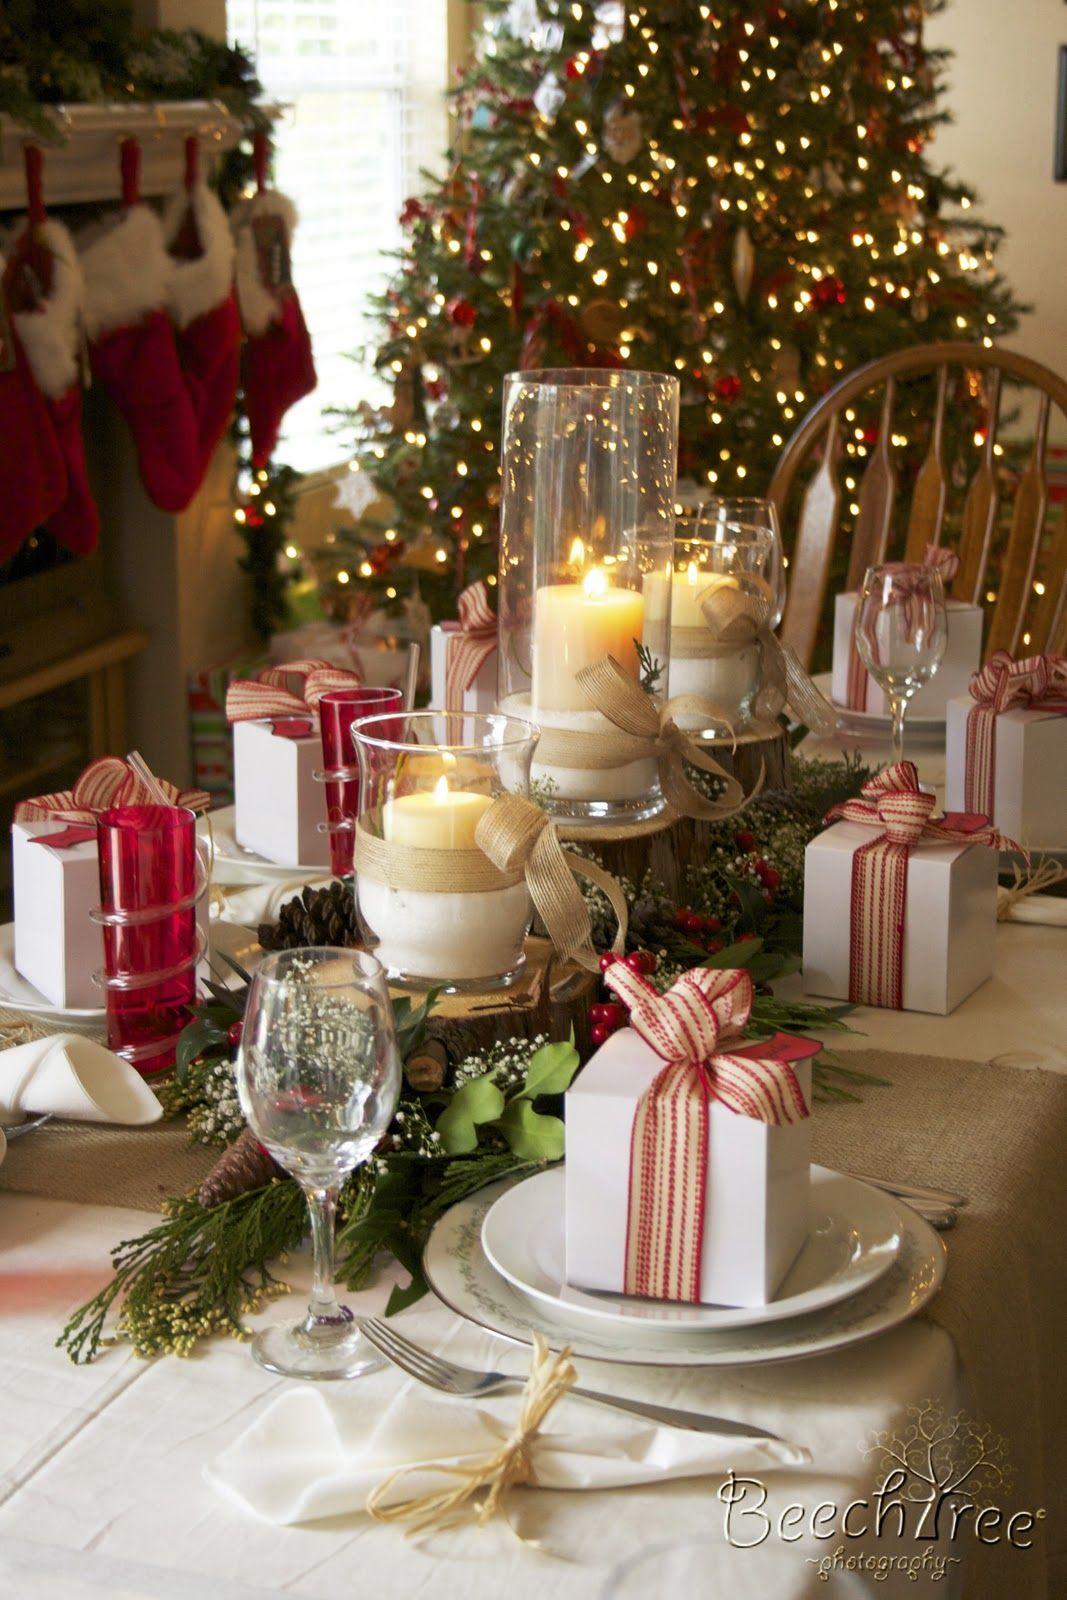 Christmas Table Christmas Dinner Table Beautiful Christmas Christmas Table Decorations